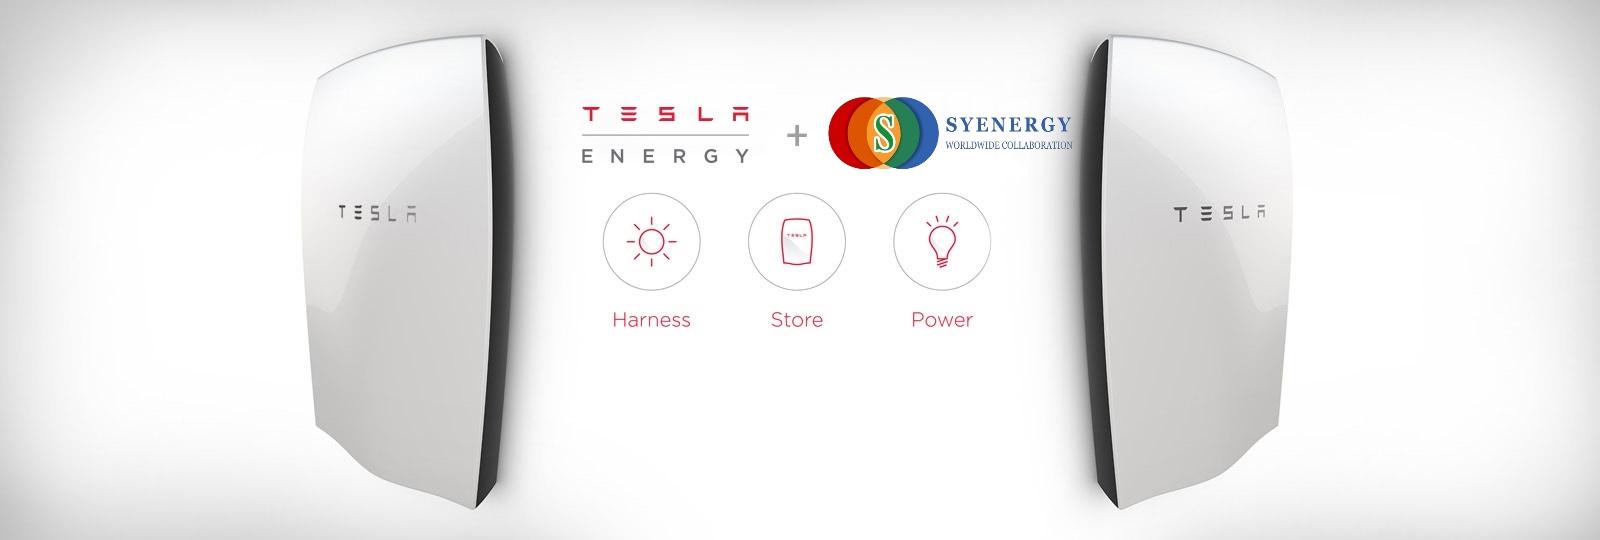 купить аккумулятор Tesla Powerwall Вы можете обратившись в компанию SYENERGY